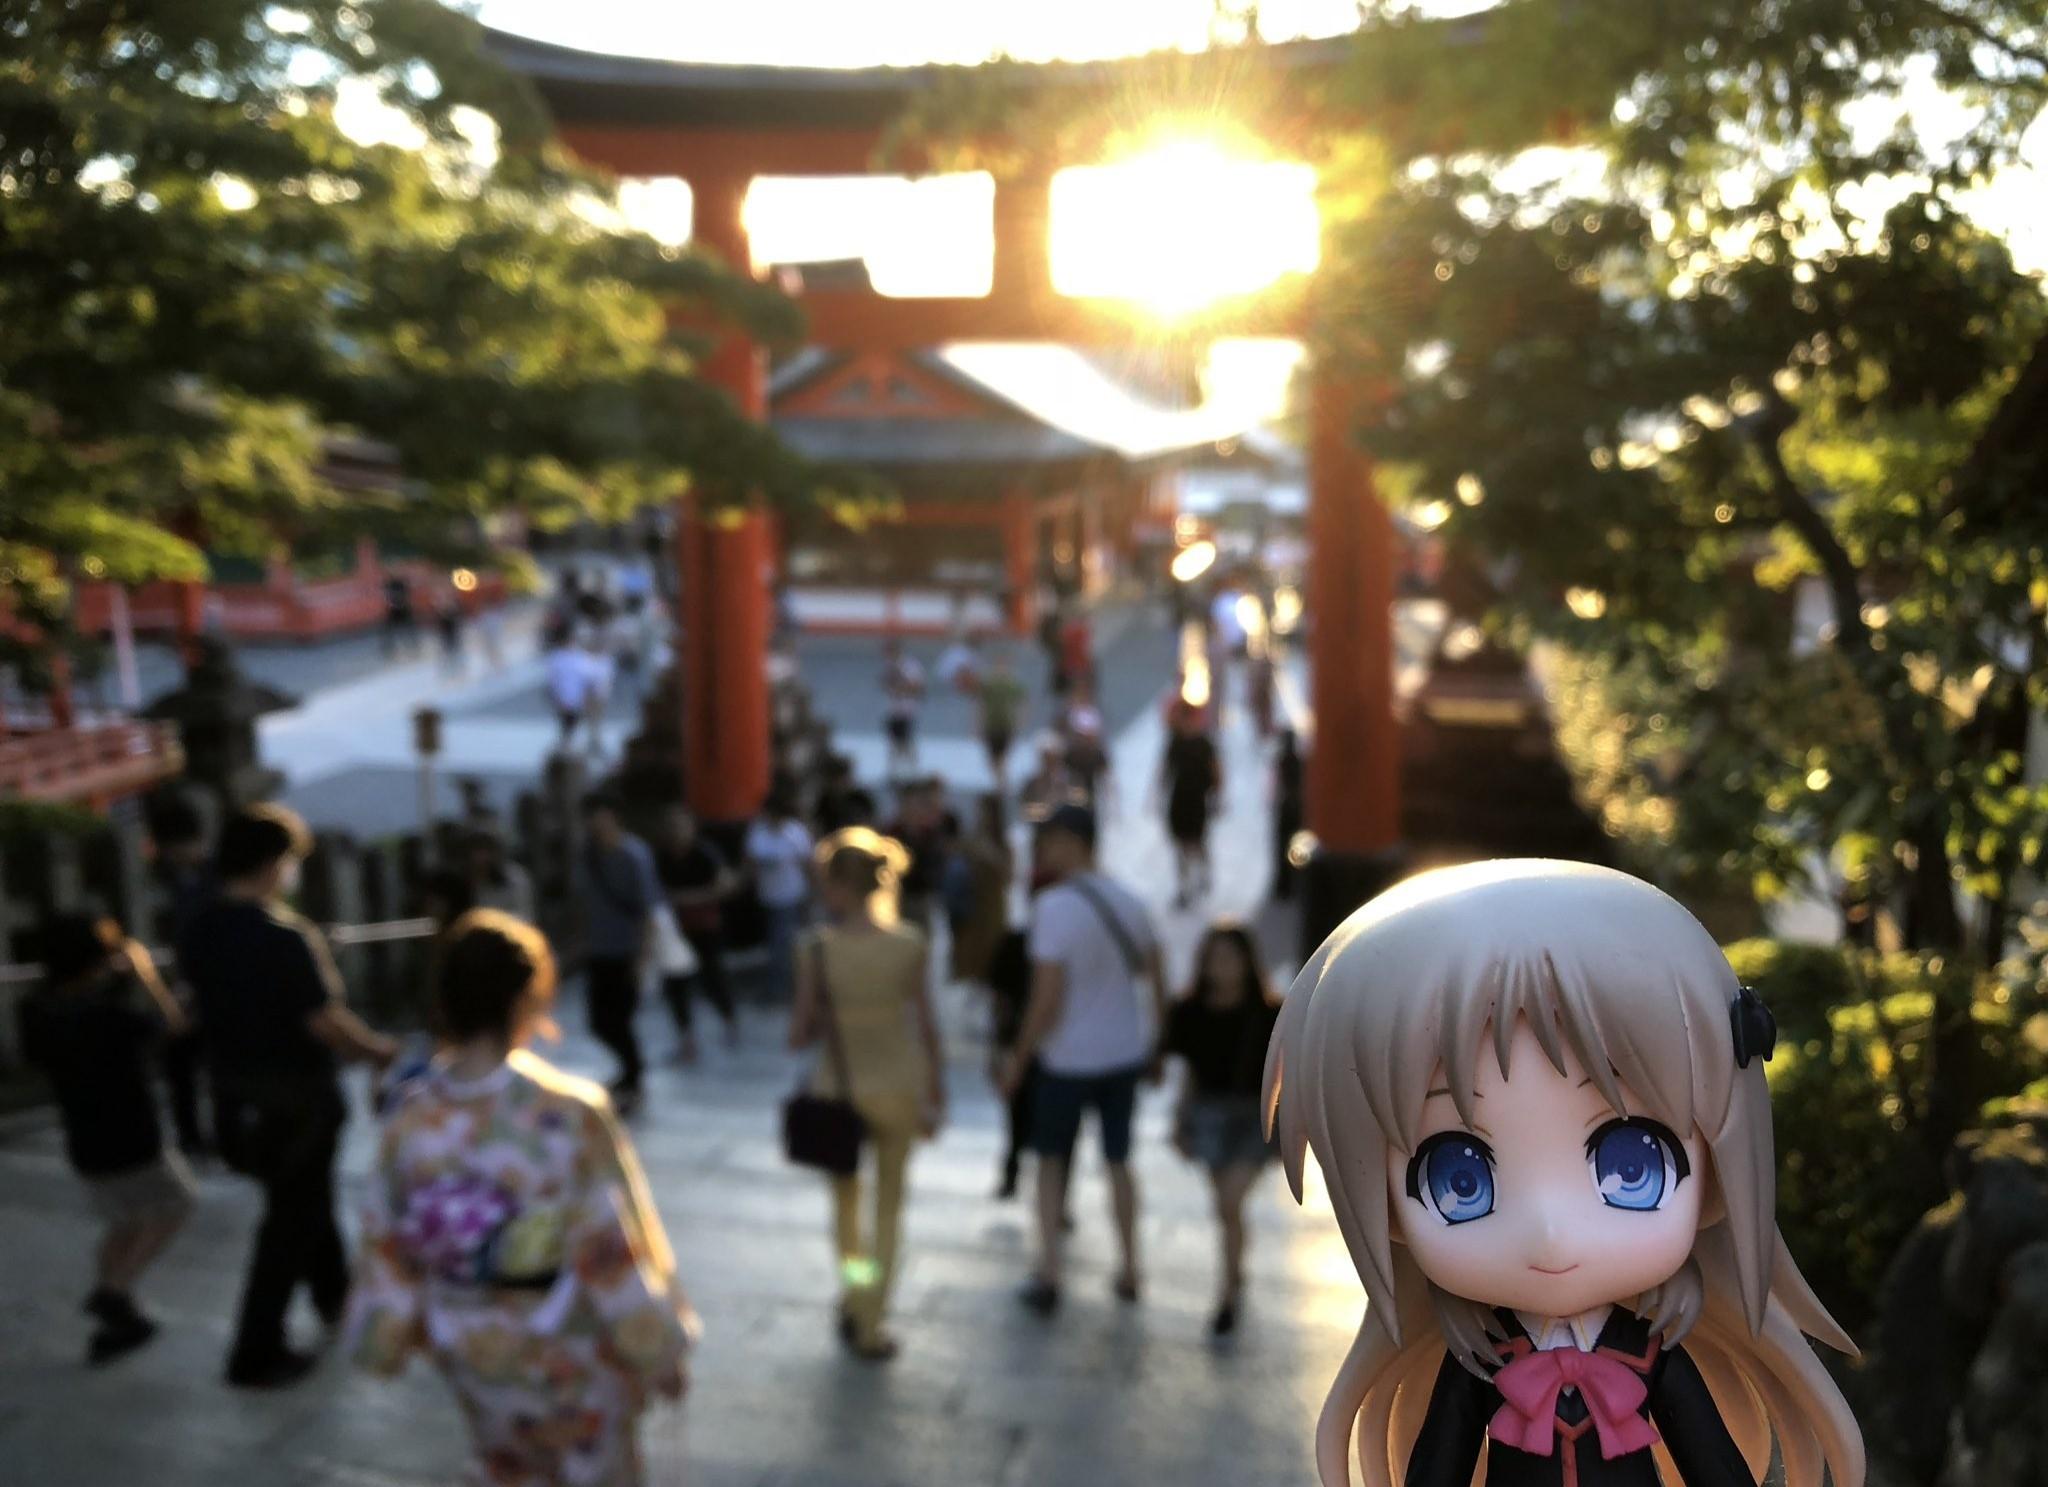 ドール撮影,神社,赤の鳥居,綺麗,日本人魂,和の心,風情がある,可愛い